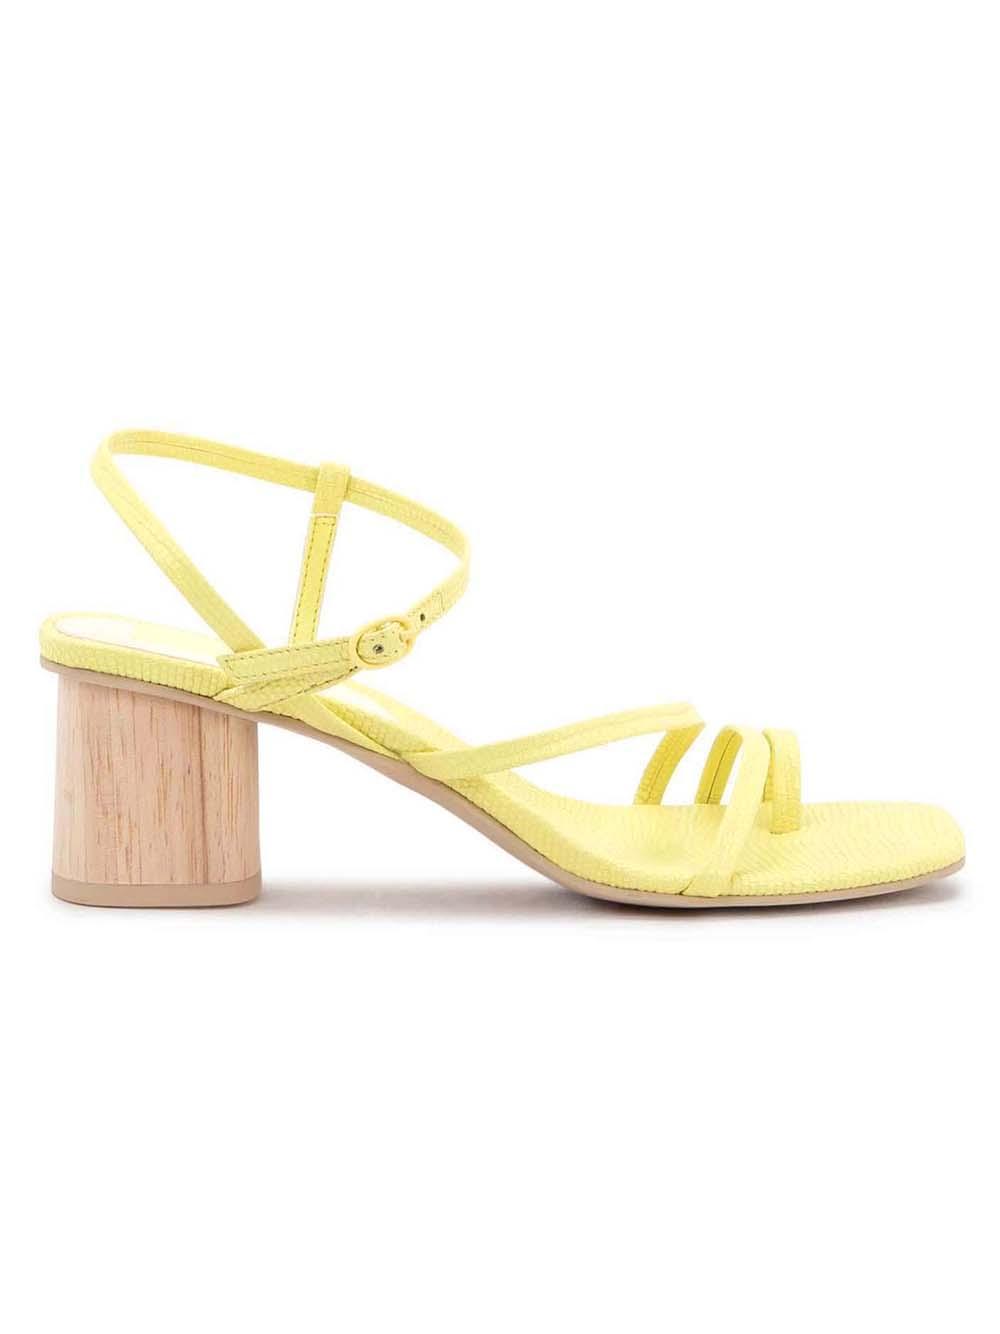 Zyda Block Heel Sandal